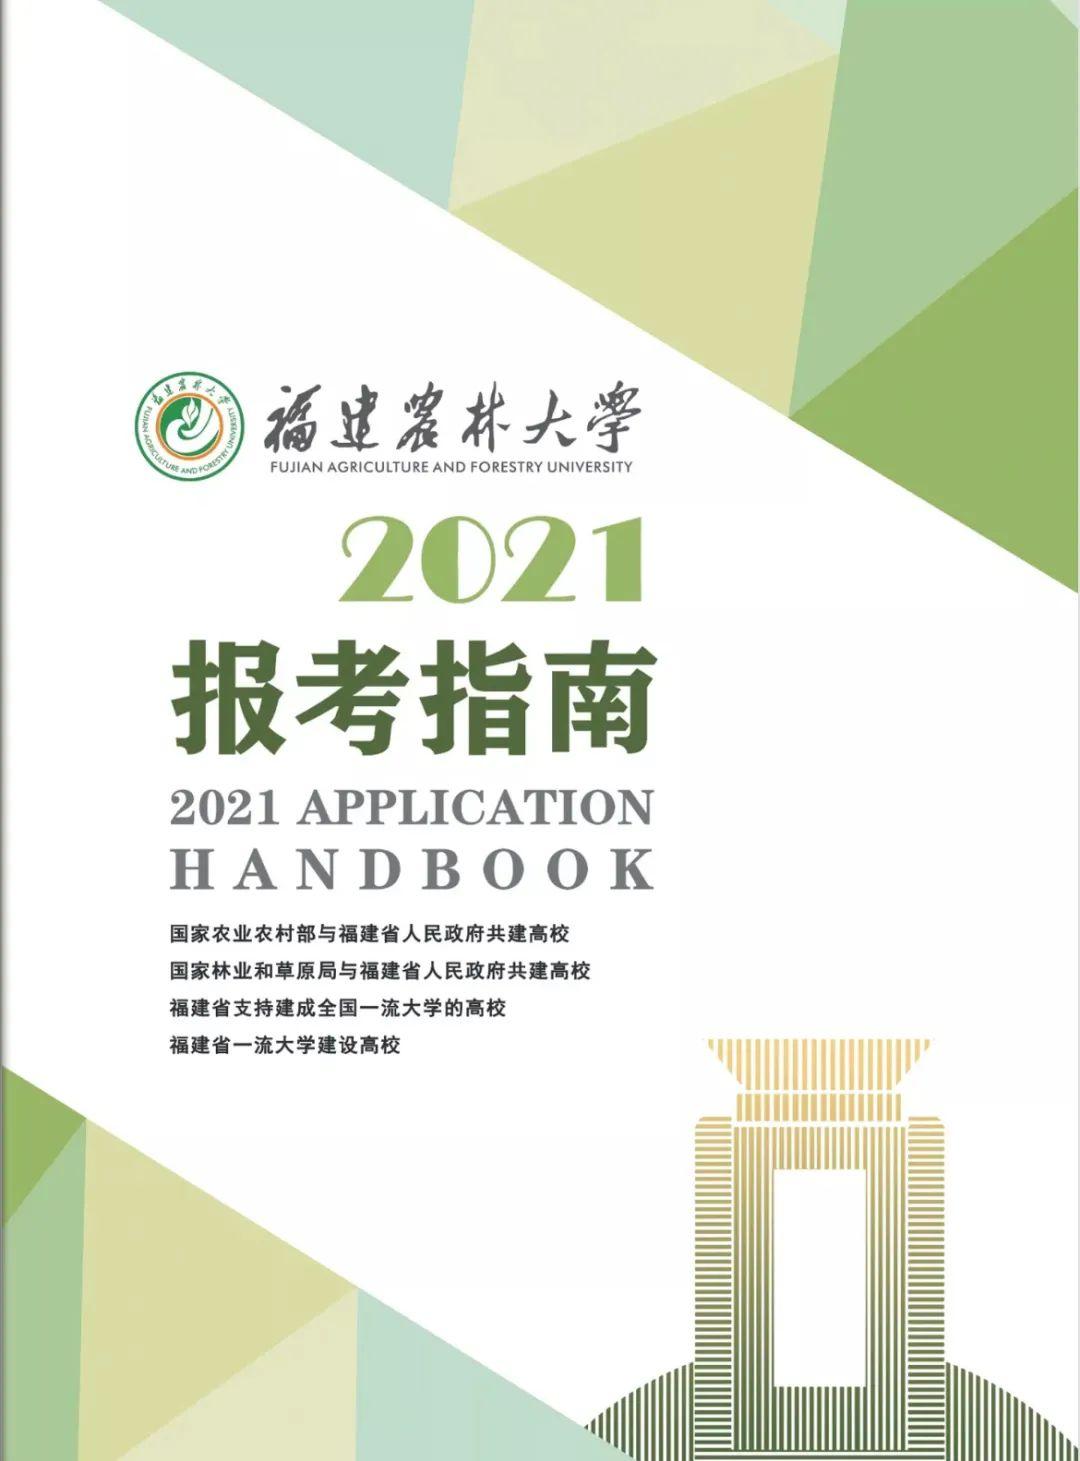 可线上申领啦!福建农林大学2021年报考指南抢先看!